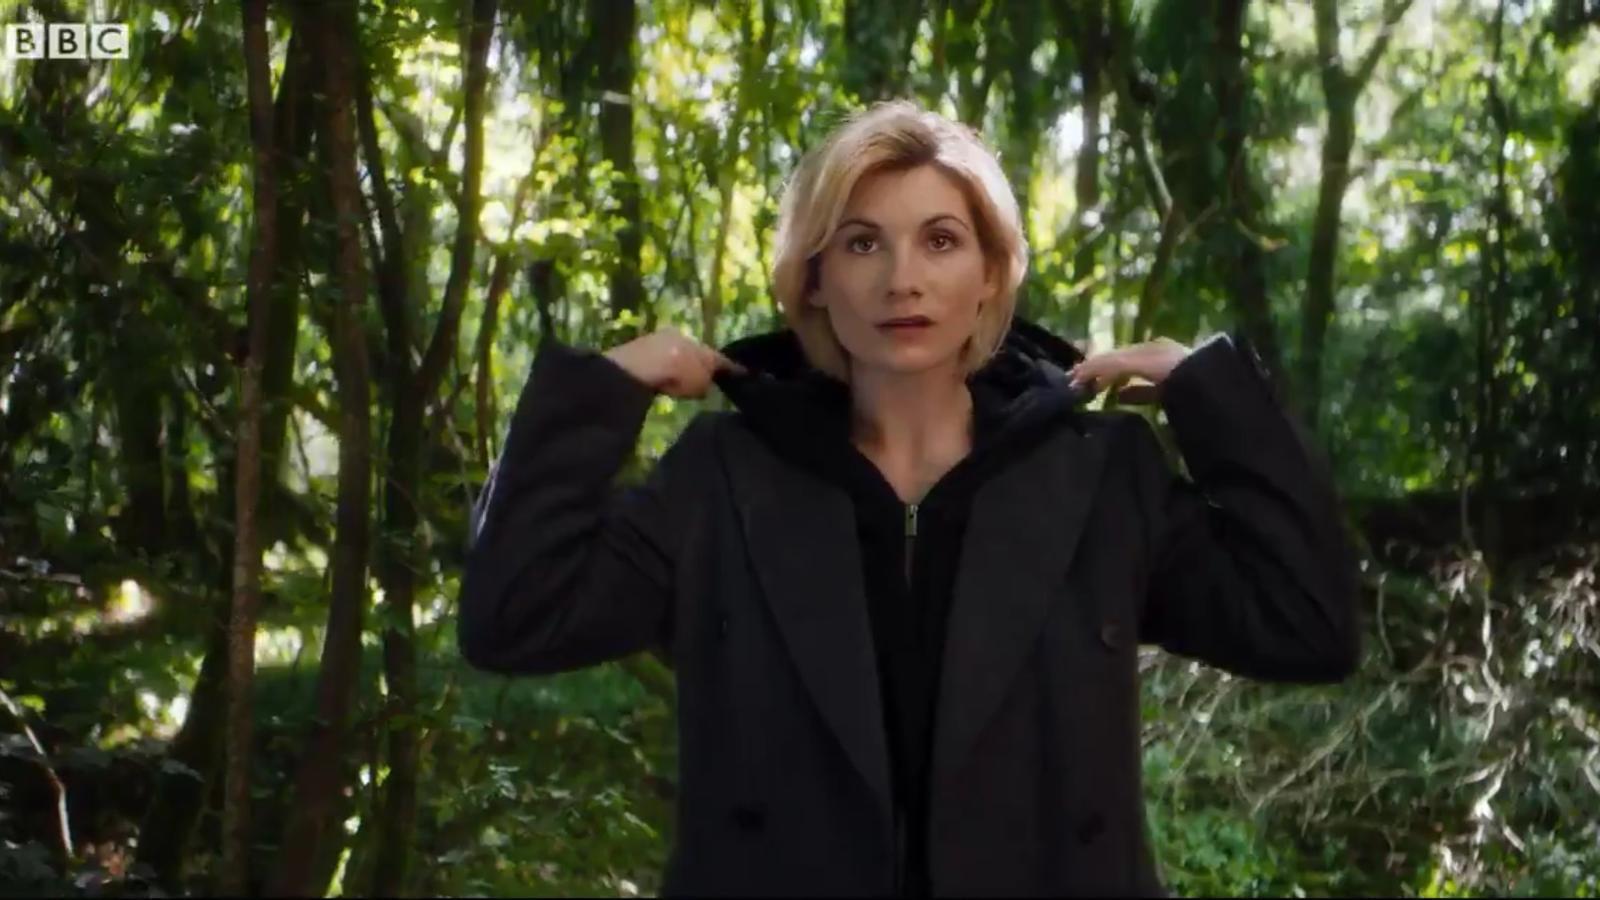 El nou Doctor Who és una doctora: Jodie Whittaker